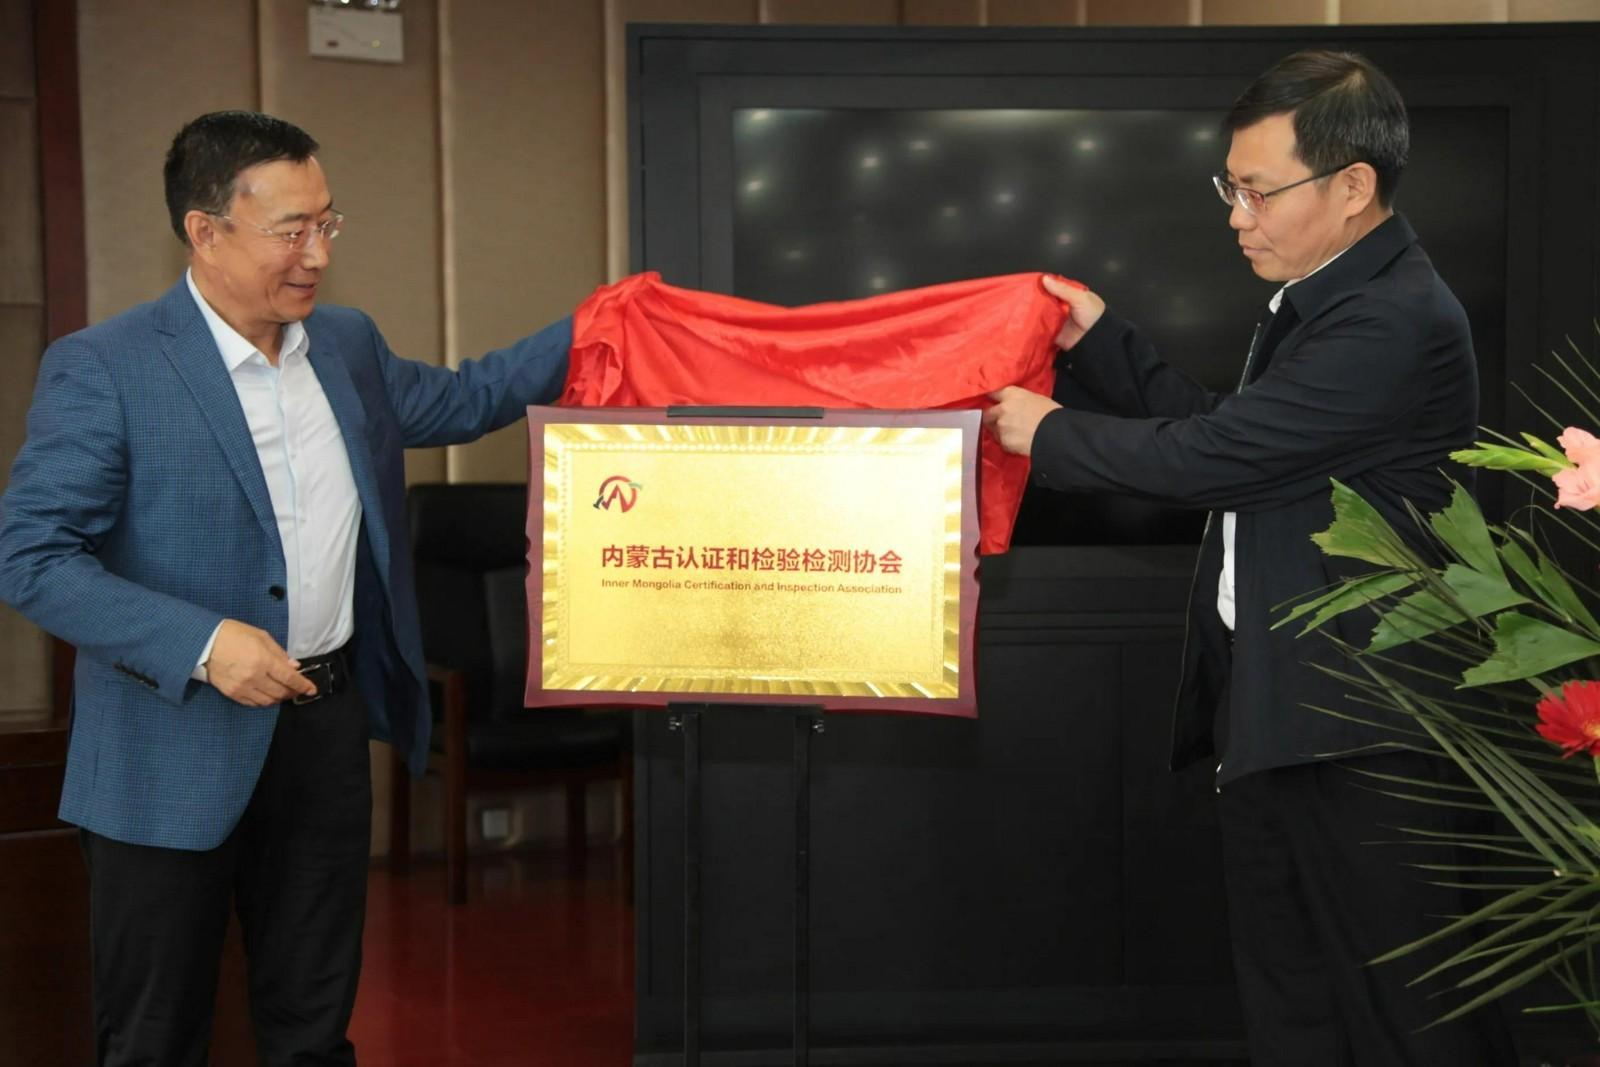 内蒙古认证和检验检测协会成立大会.jpg